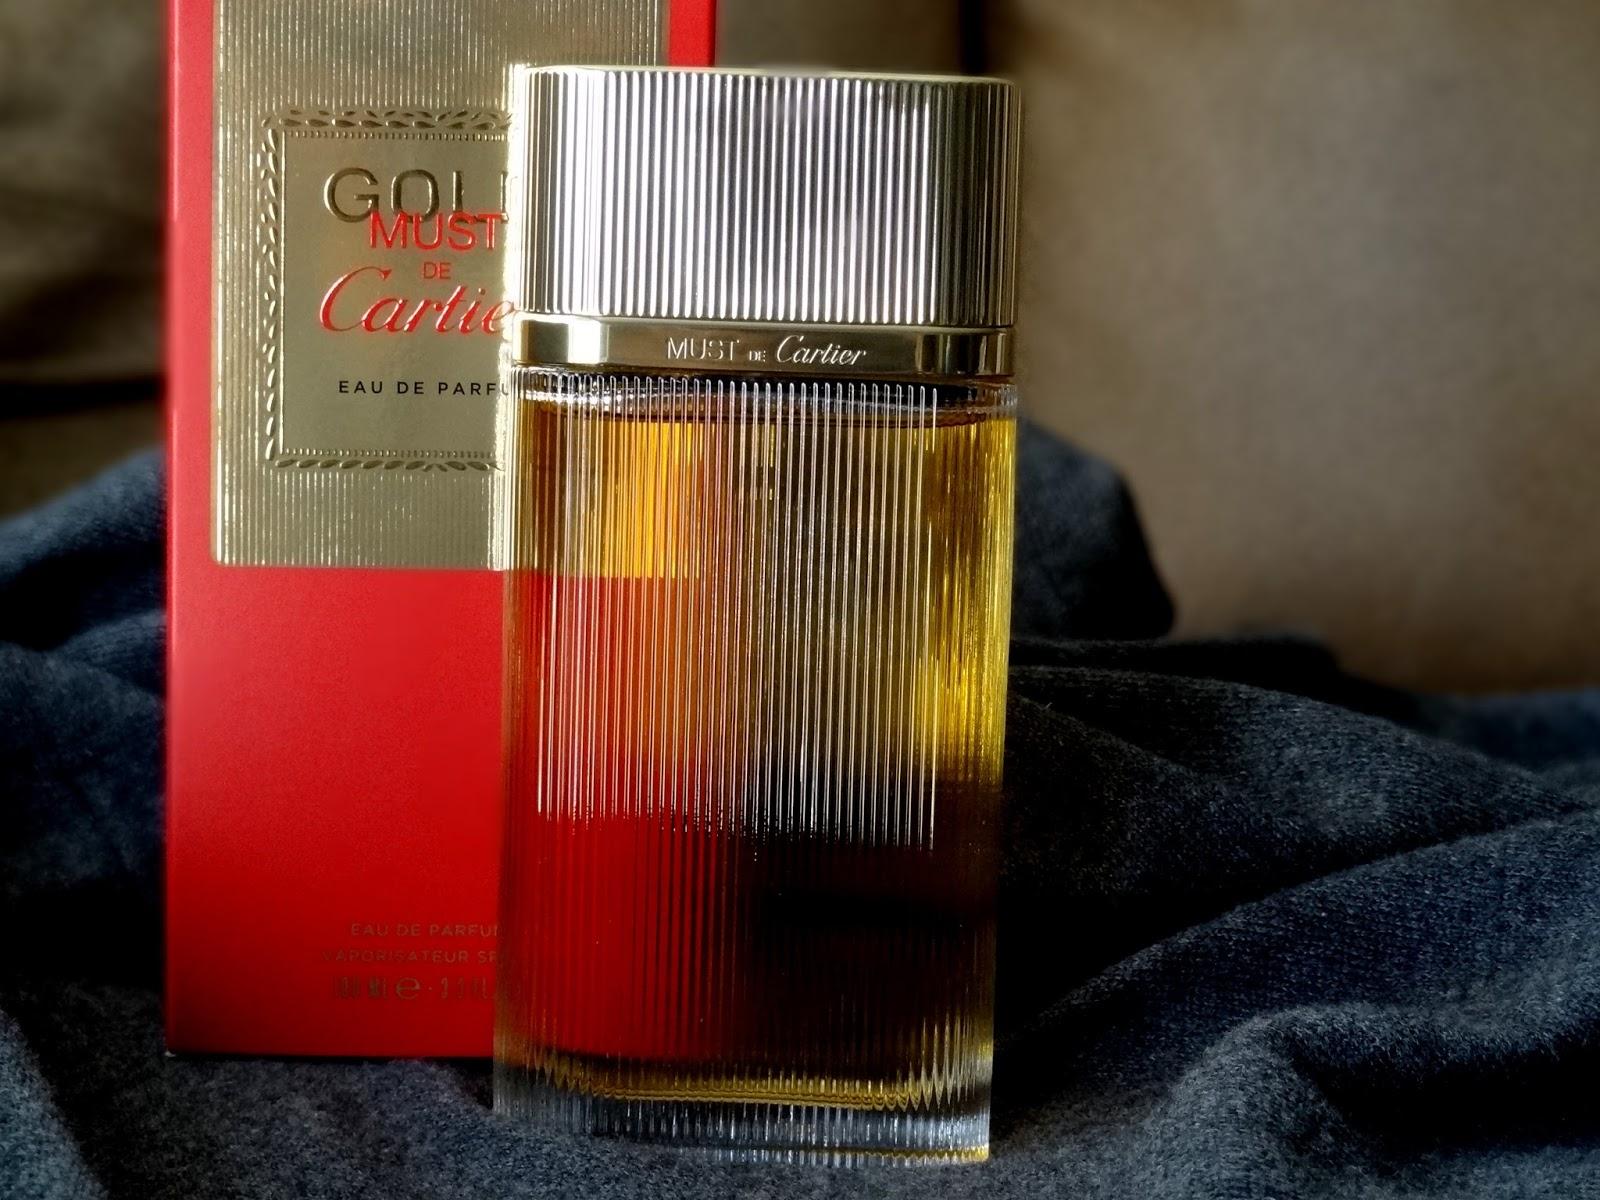 Makeup Beauty And More Must De Cartier Gold Eau De Parfum